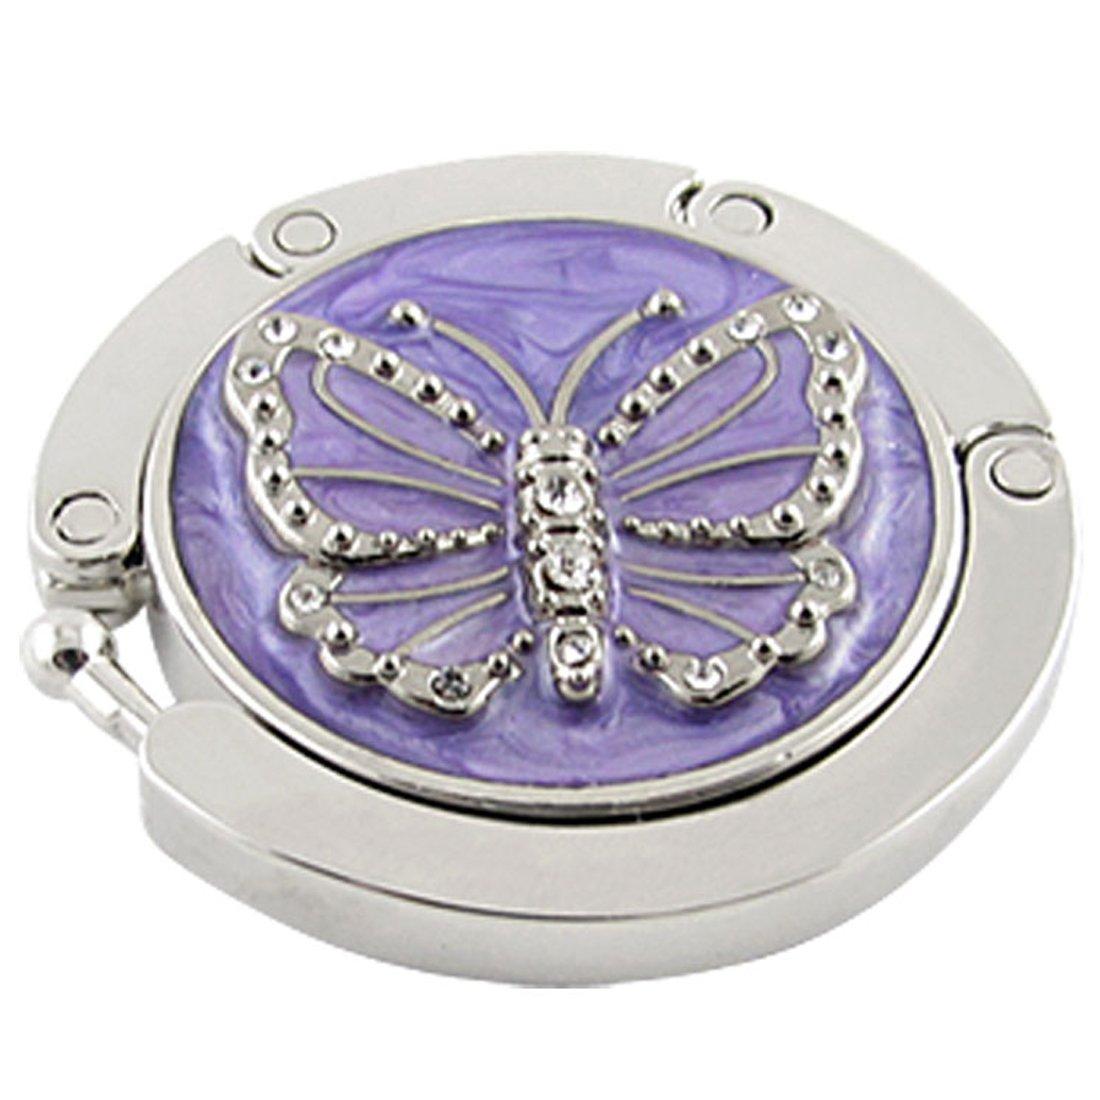 Sourcingmap - Accroche-Sac / Porte-Sac / Clip Sac à Main - Crochet Pliable - Papillon Violet